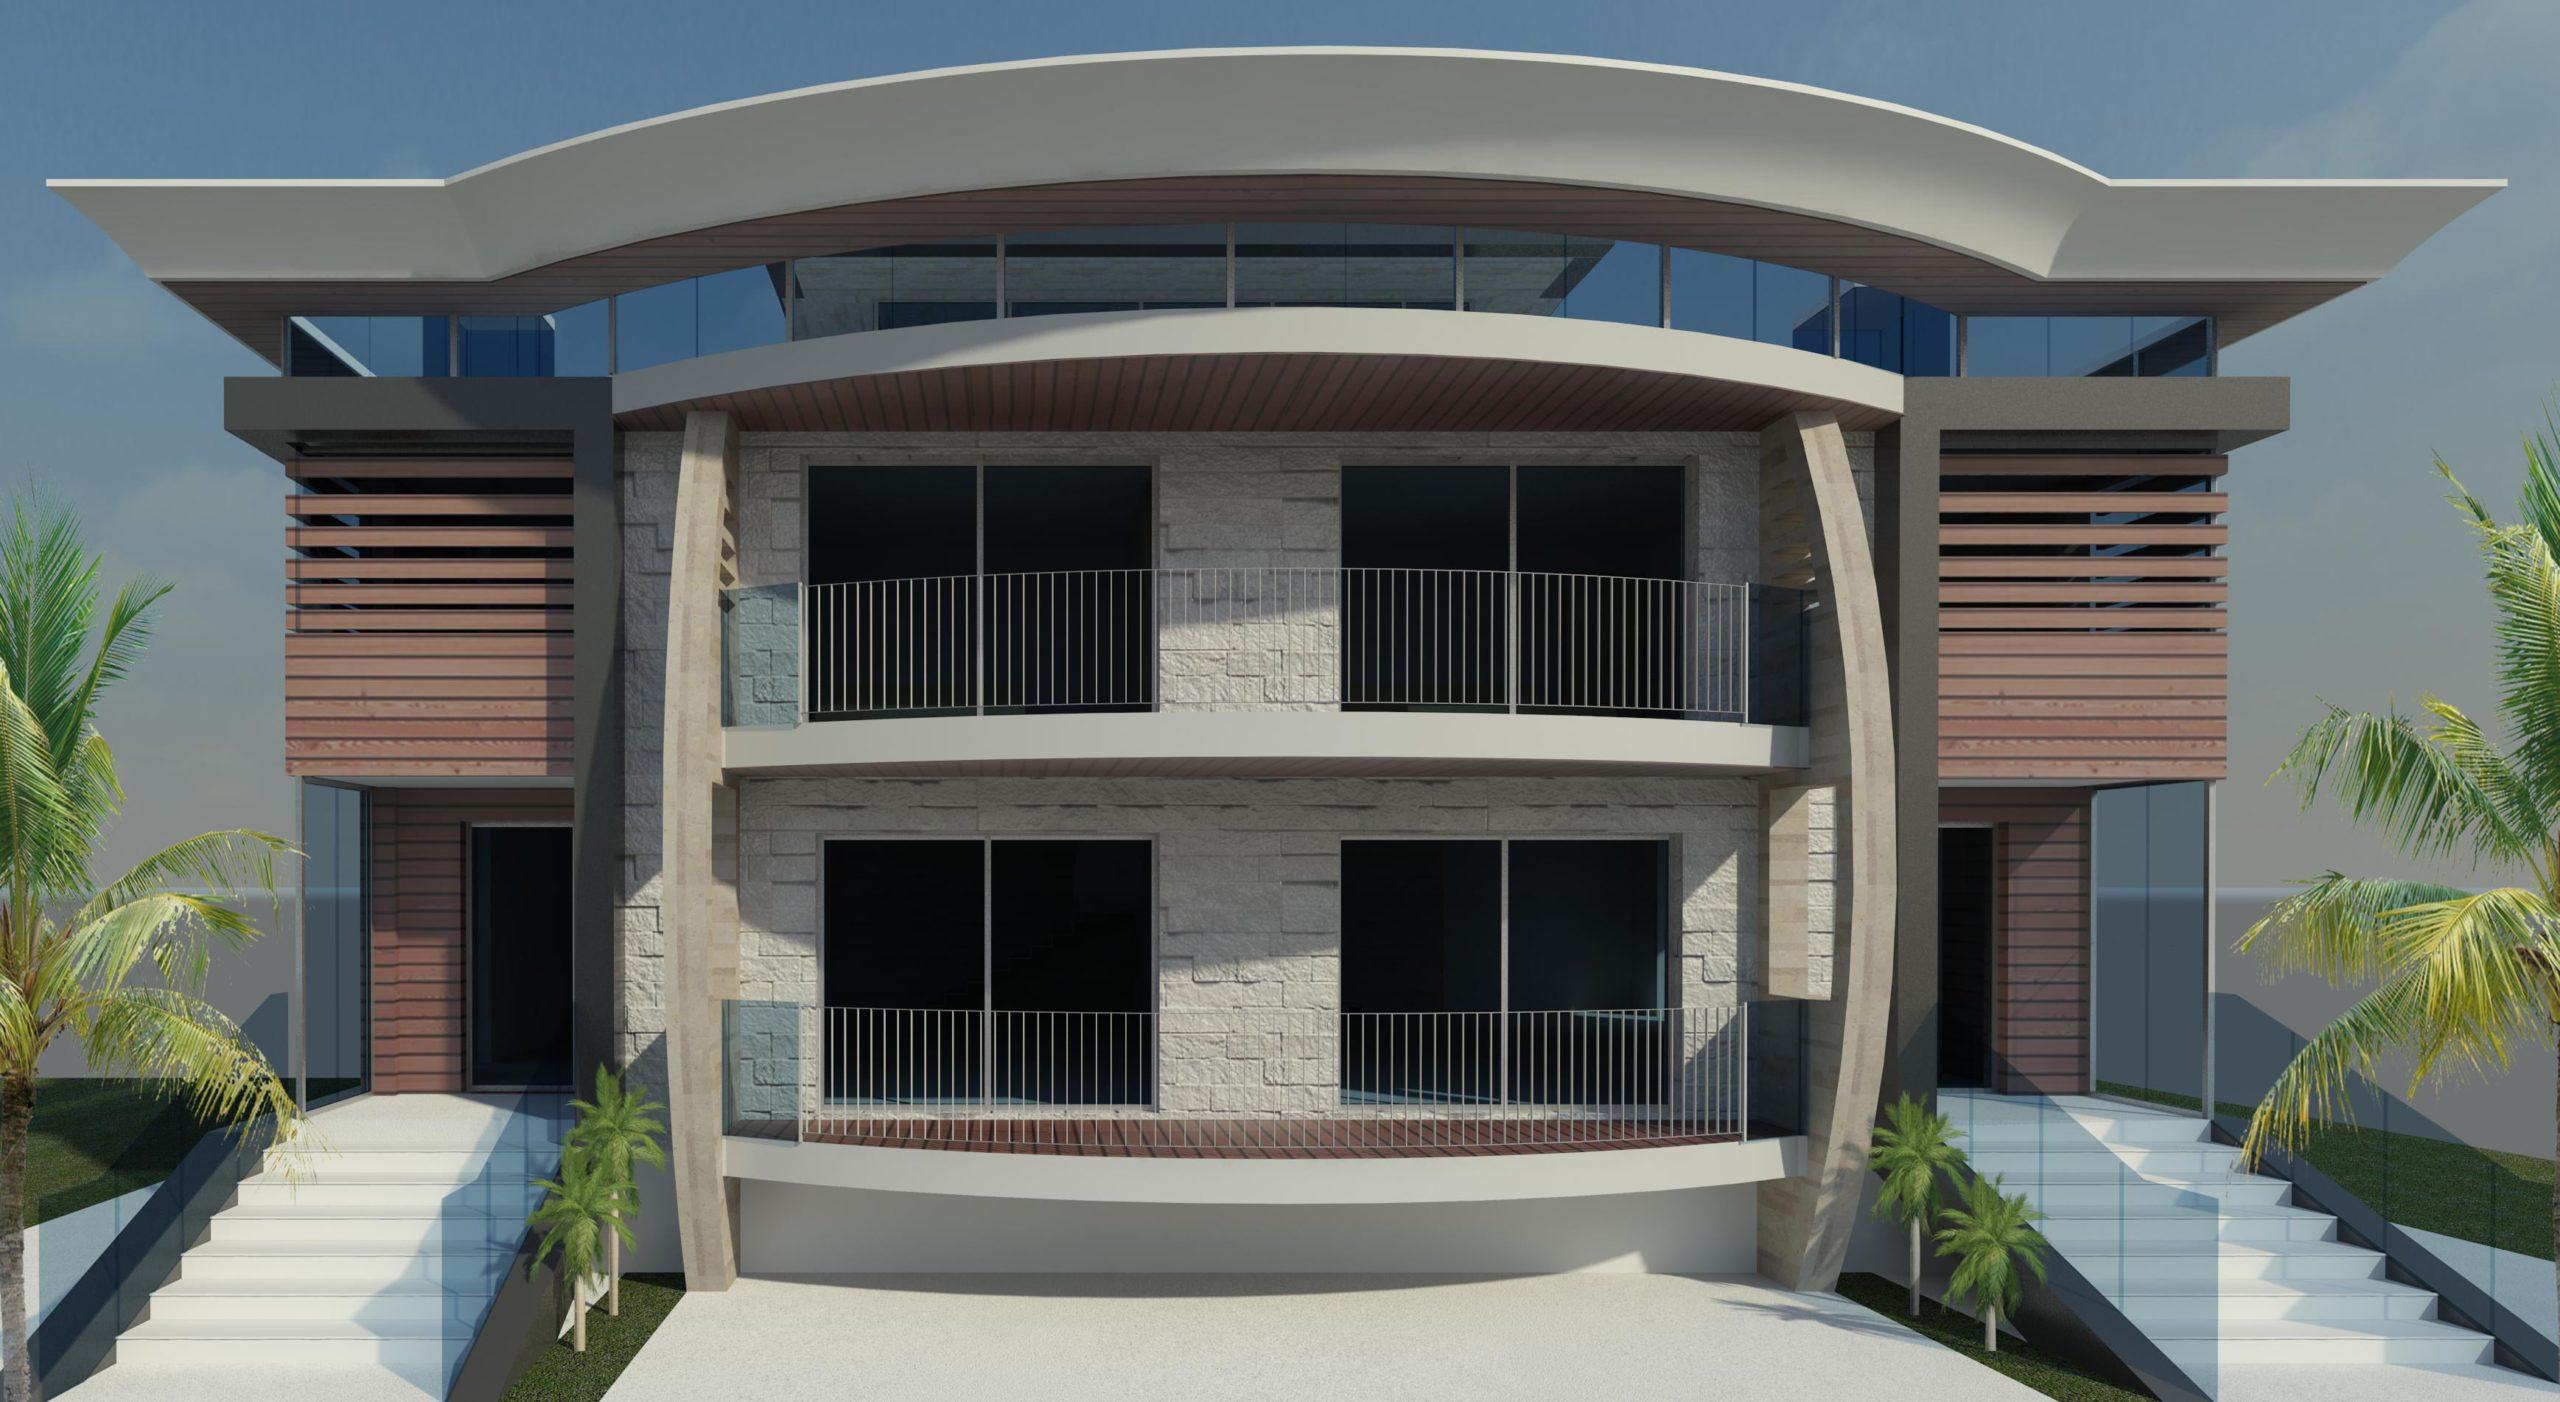 Villa Unifamiliare tre piani